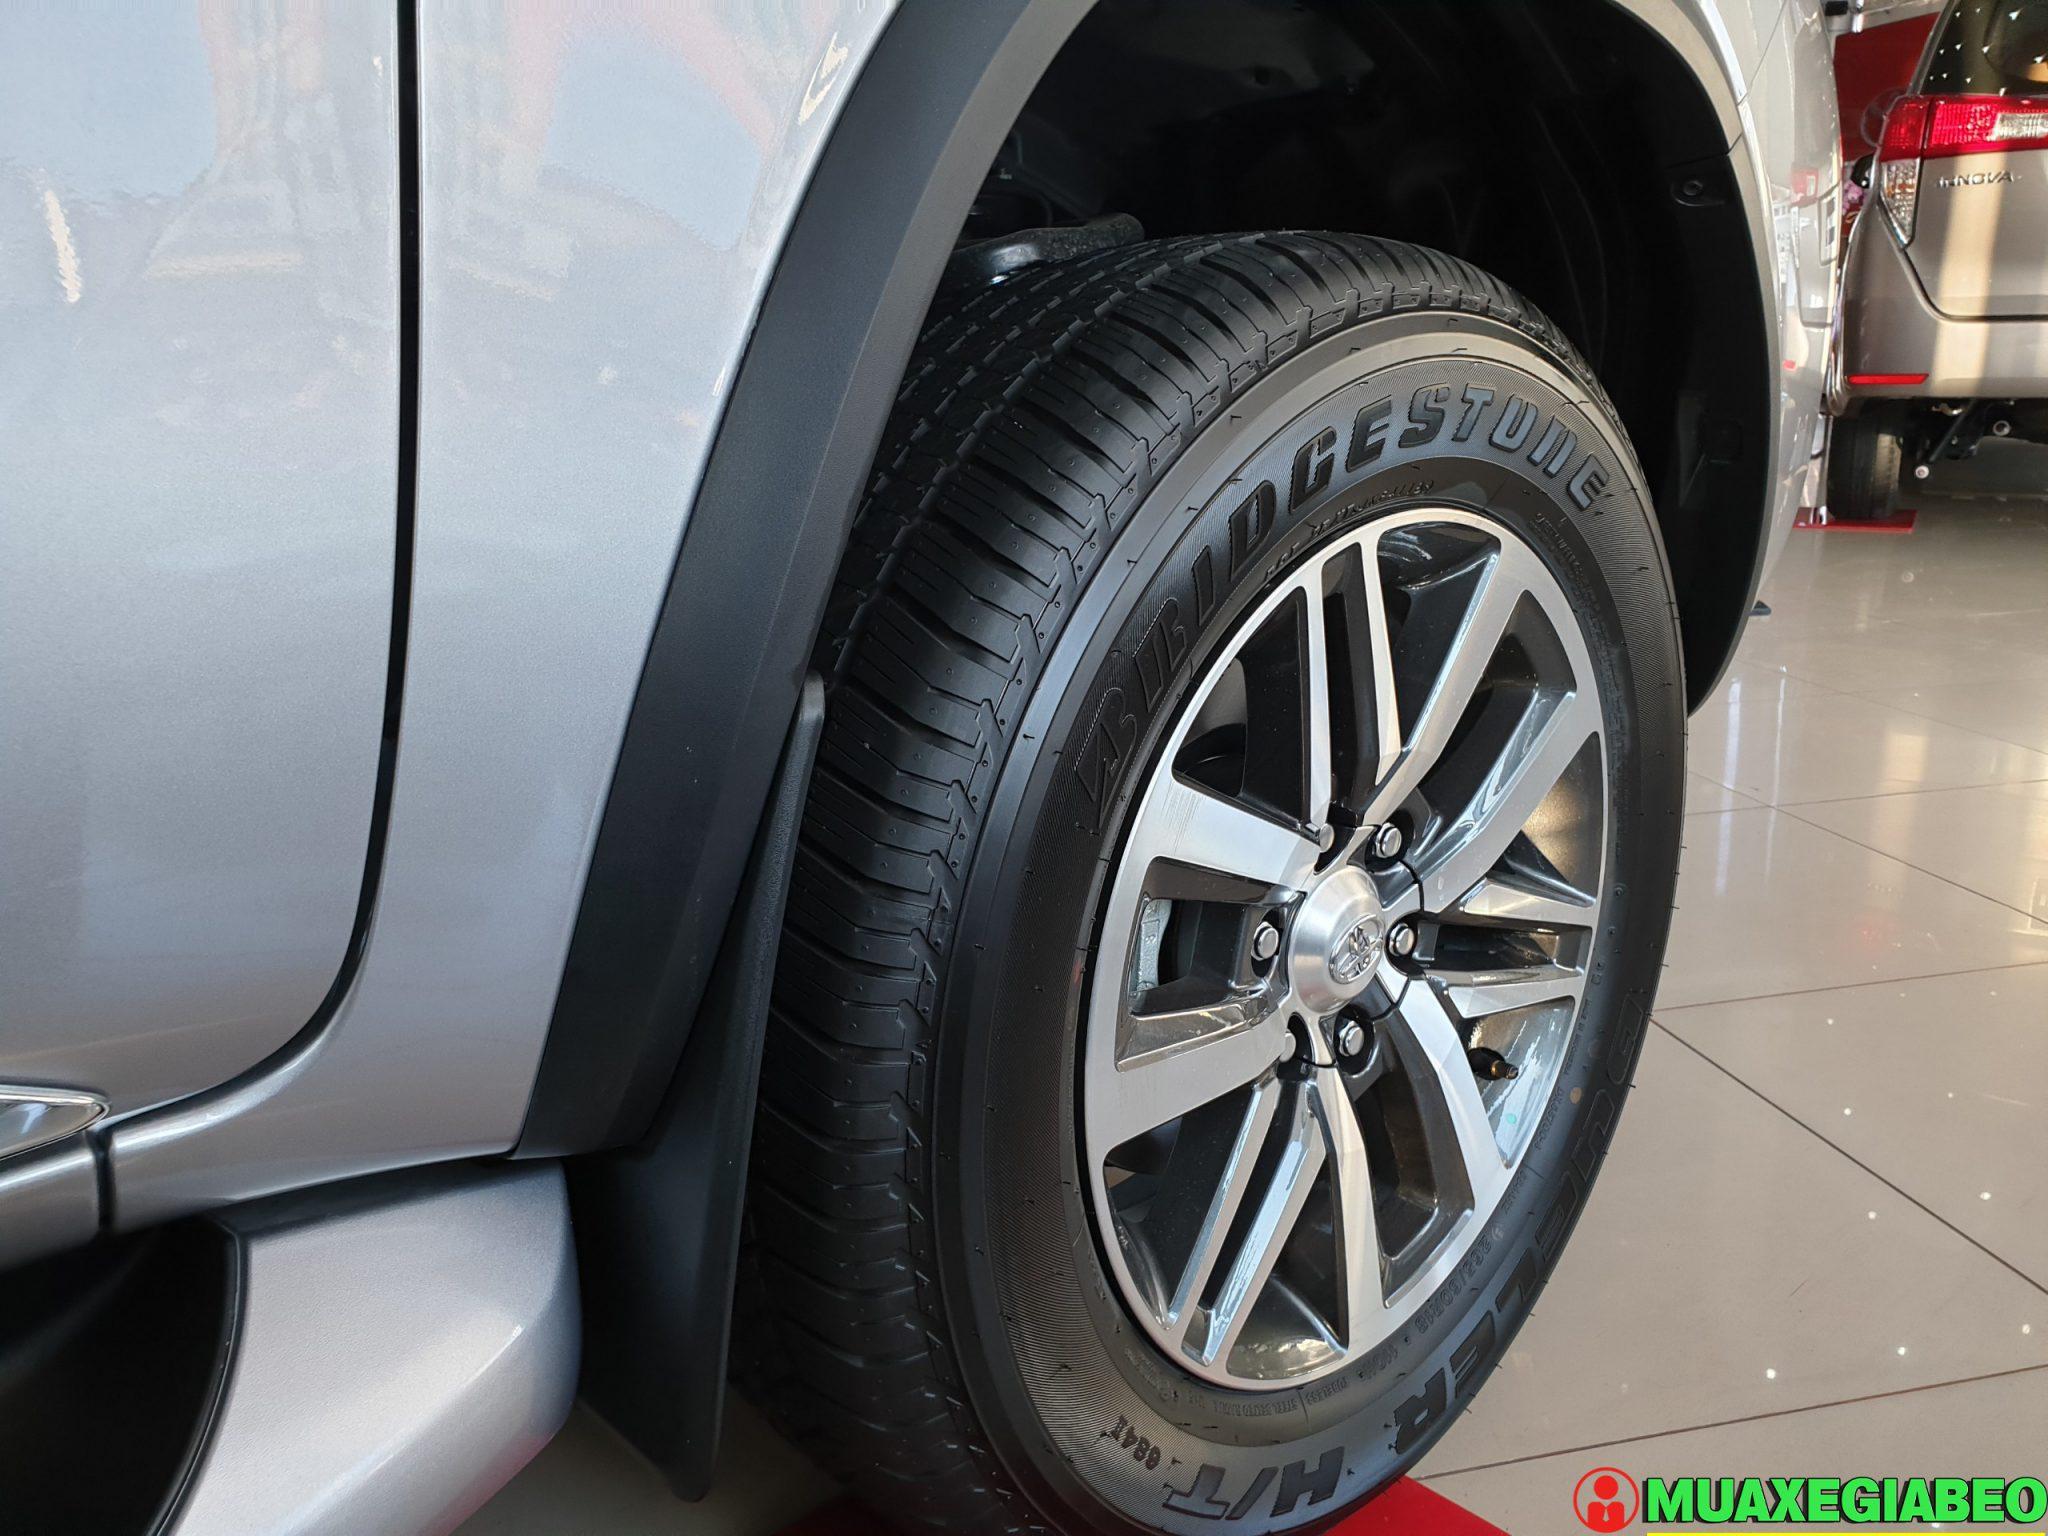 Toyota Fortuner 2.8 V diesel 4x4 AT Đánh giá thông số lăn bánh trả góp ảnh 6 - Fortuner 2.8 V 4WD [hienthinam]: giá xe và khuyến mãi mới